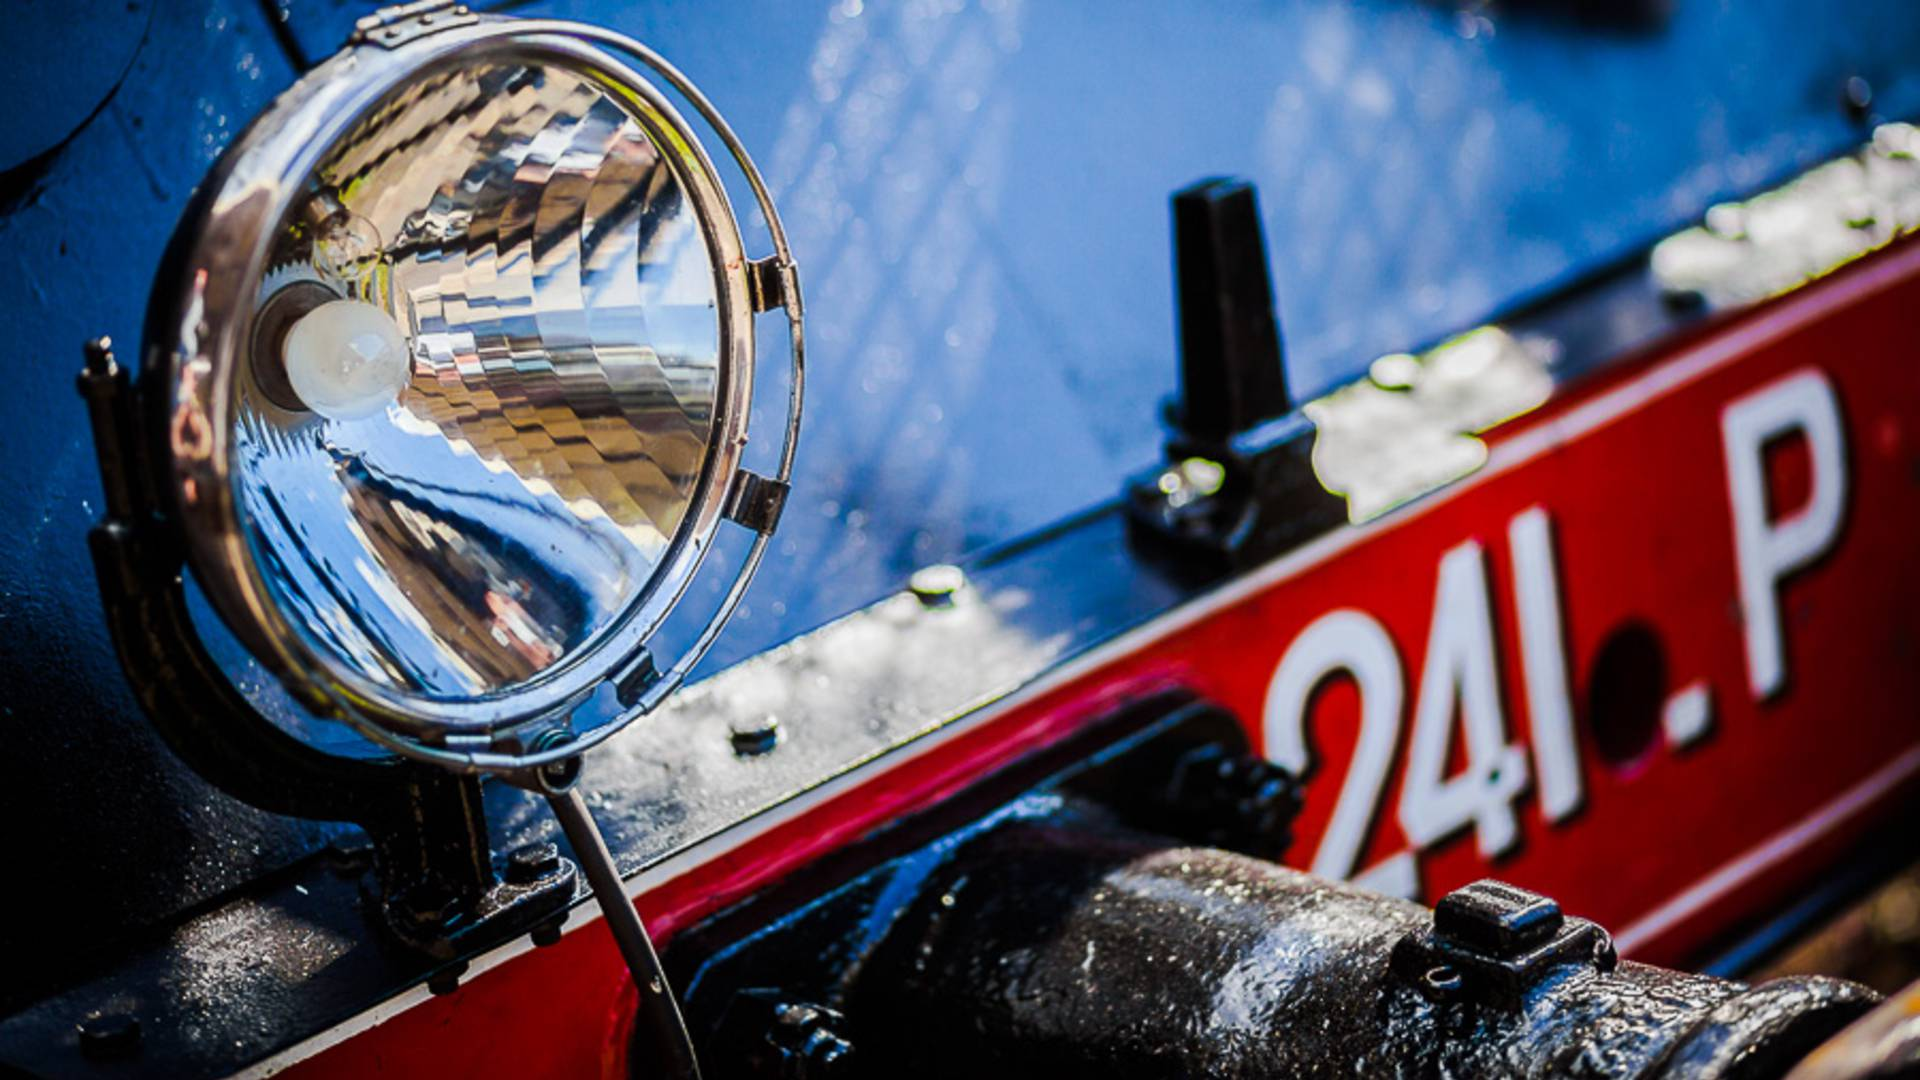 Détail de la locomotive 241 P 17, Le Creusot. © Chemins de Fer du Creusot.